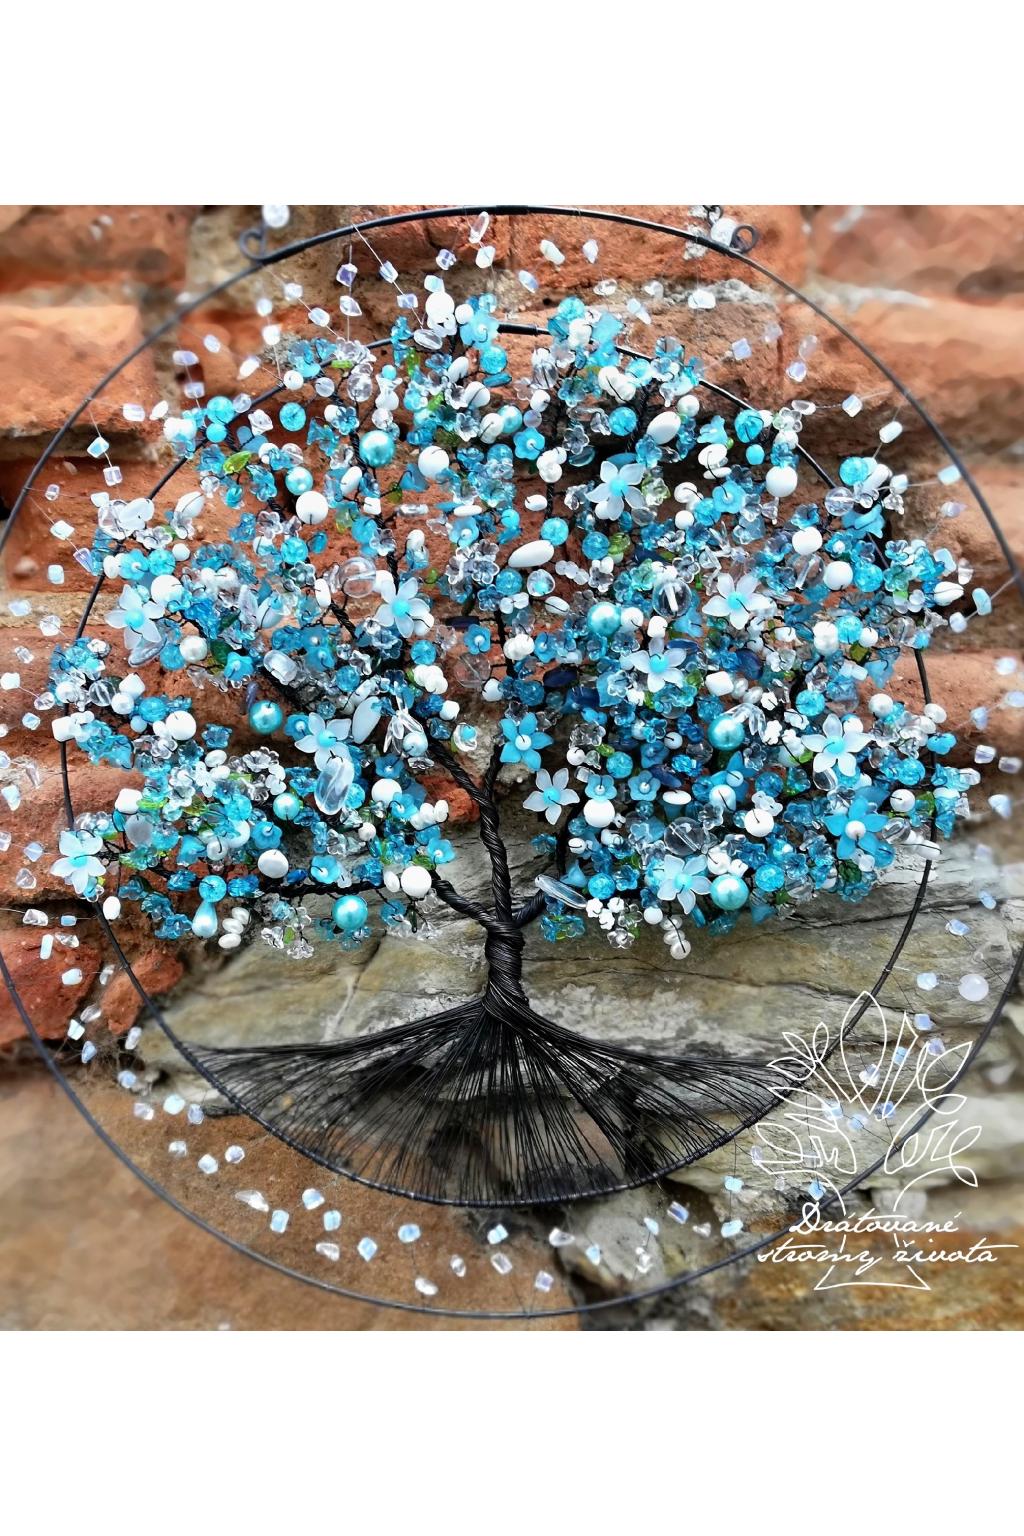 Drátovaný strom dle vašeho výběru